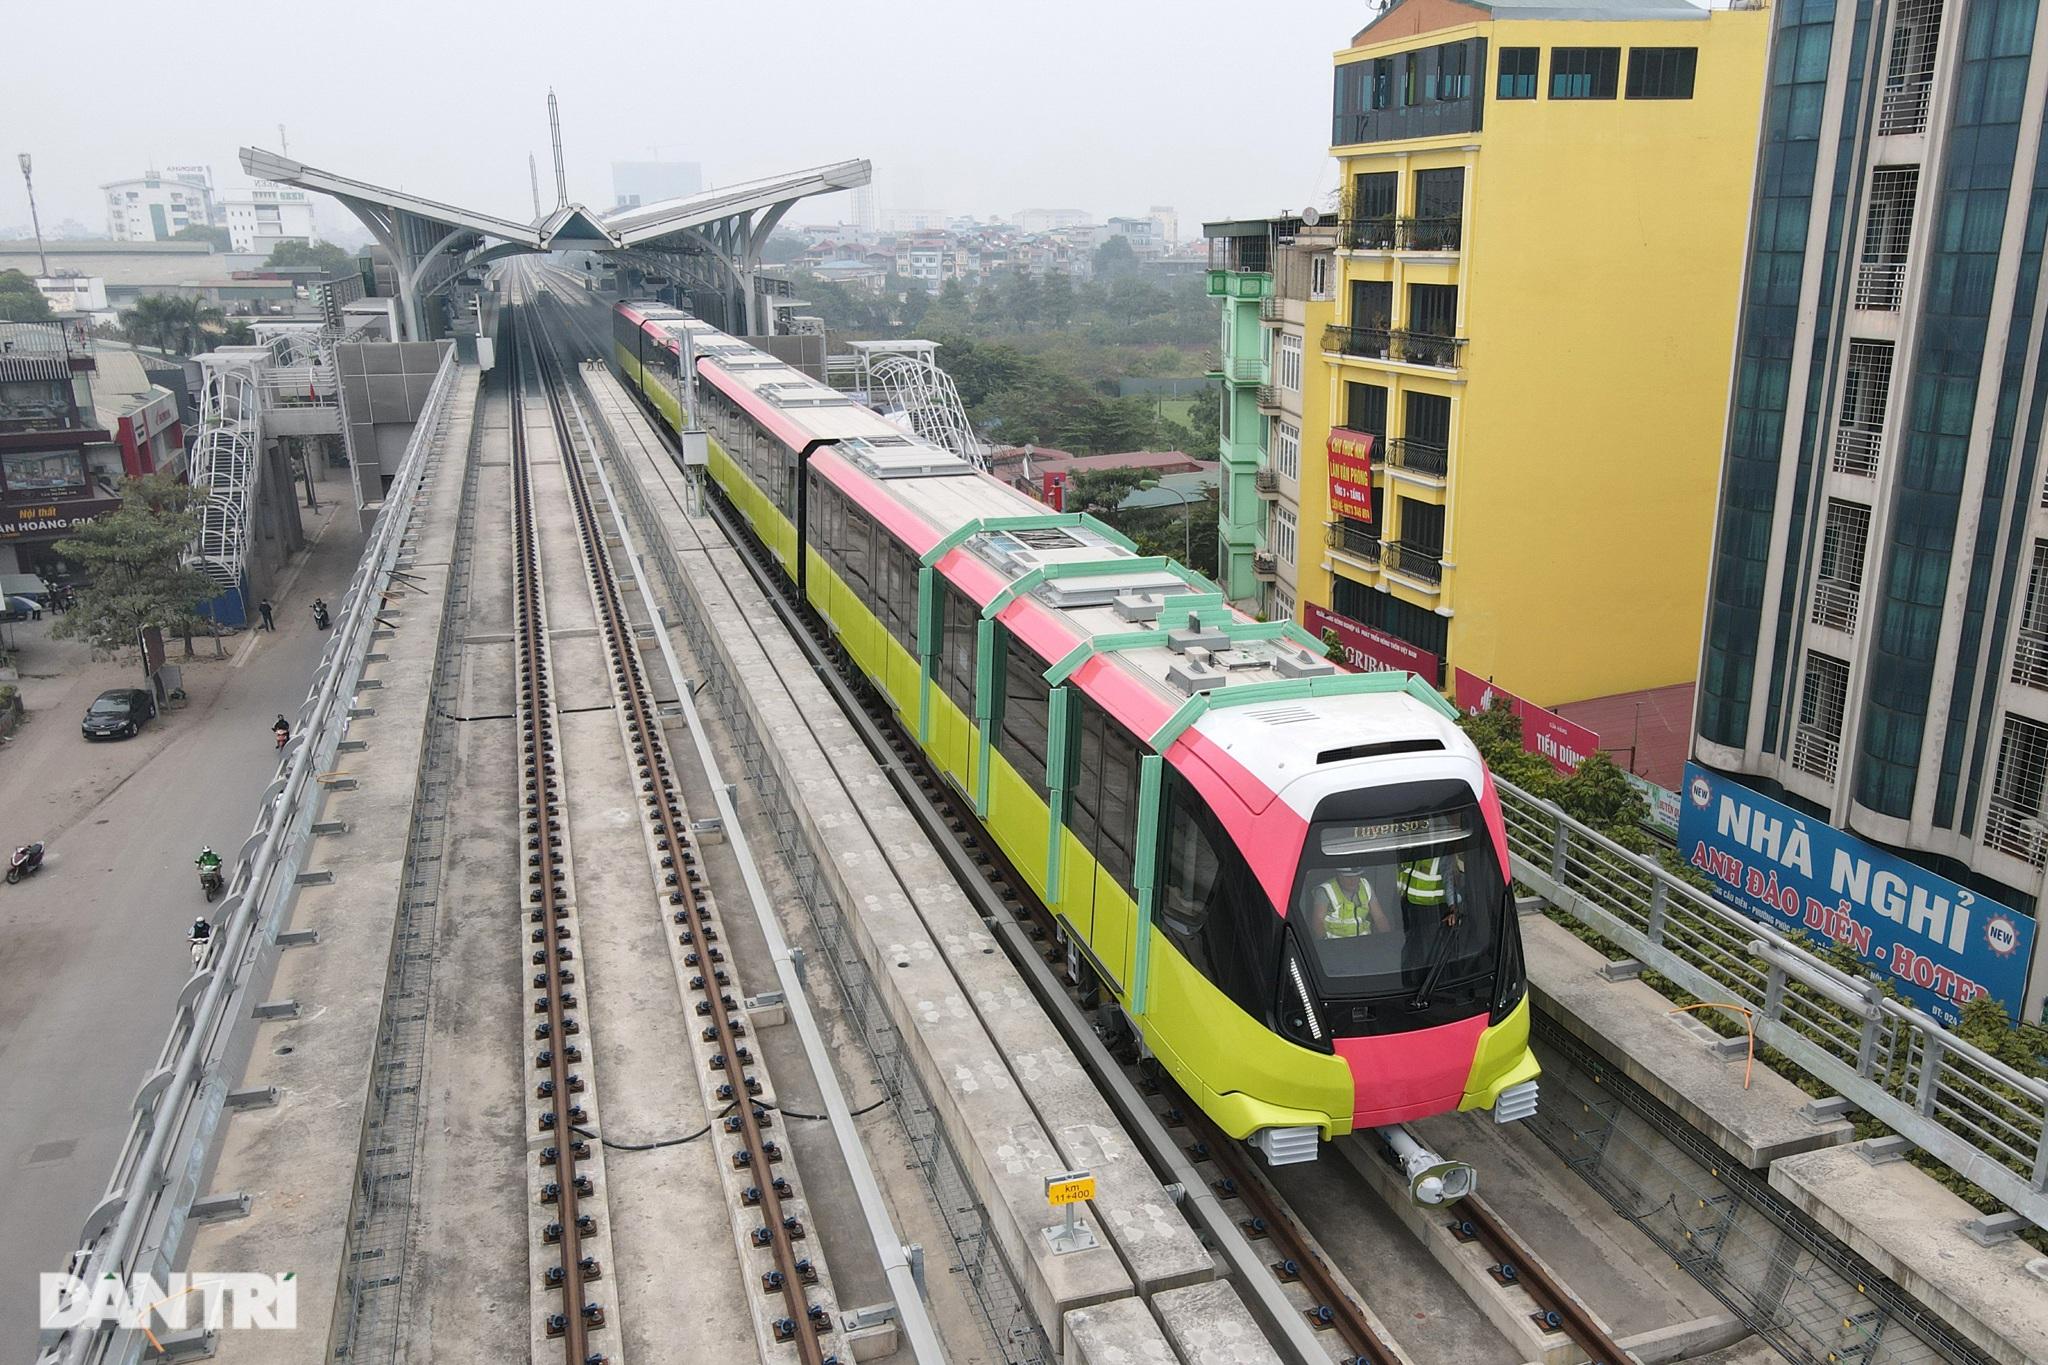 Gia hạn mở quyền cấp đủ vốn cho dự án đường sắt Nhổn - ga Hà Nội